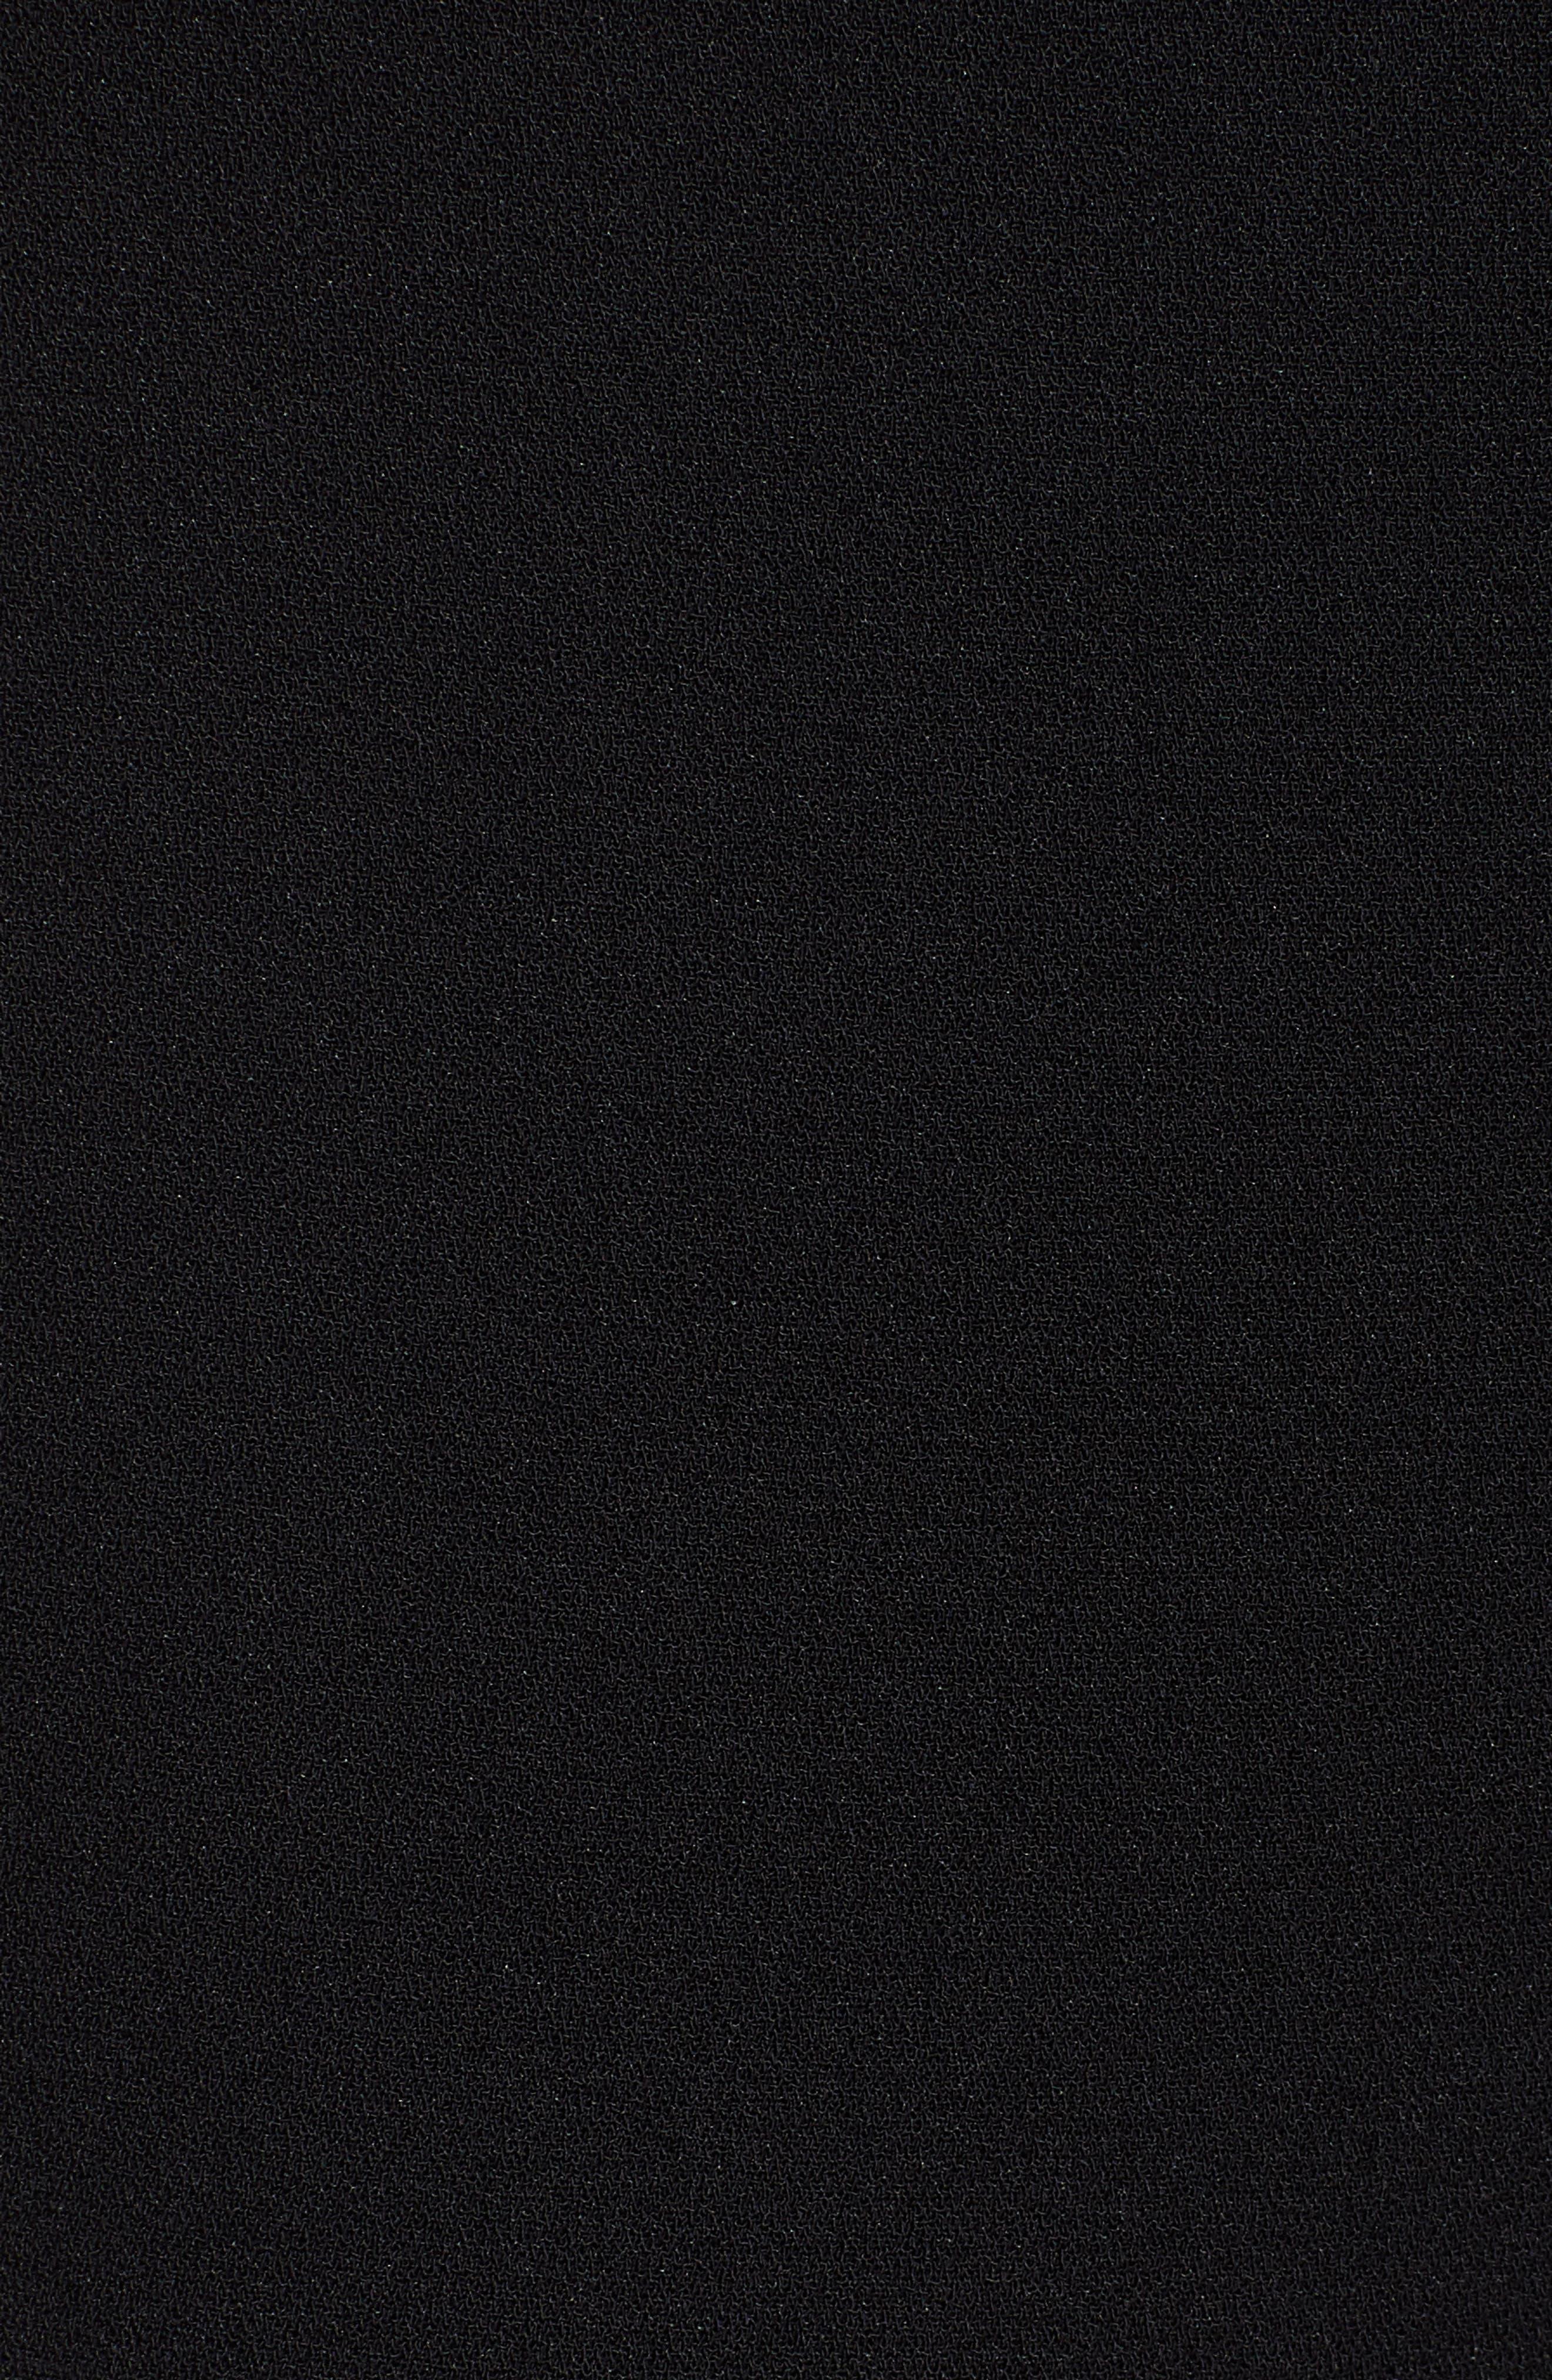 Tie Waist Moss Crepe Pants,                             Alternate thumbnail 5, color,                             RICH BLACK